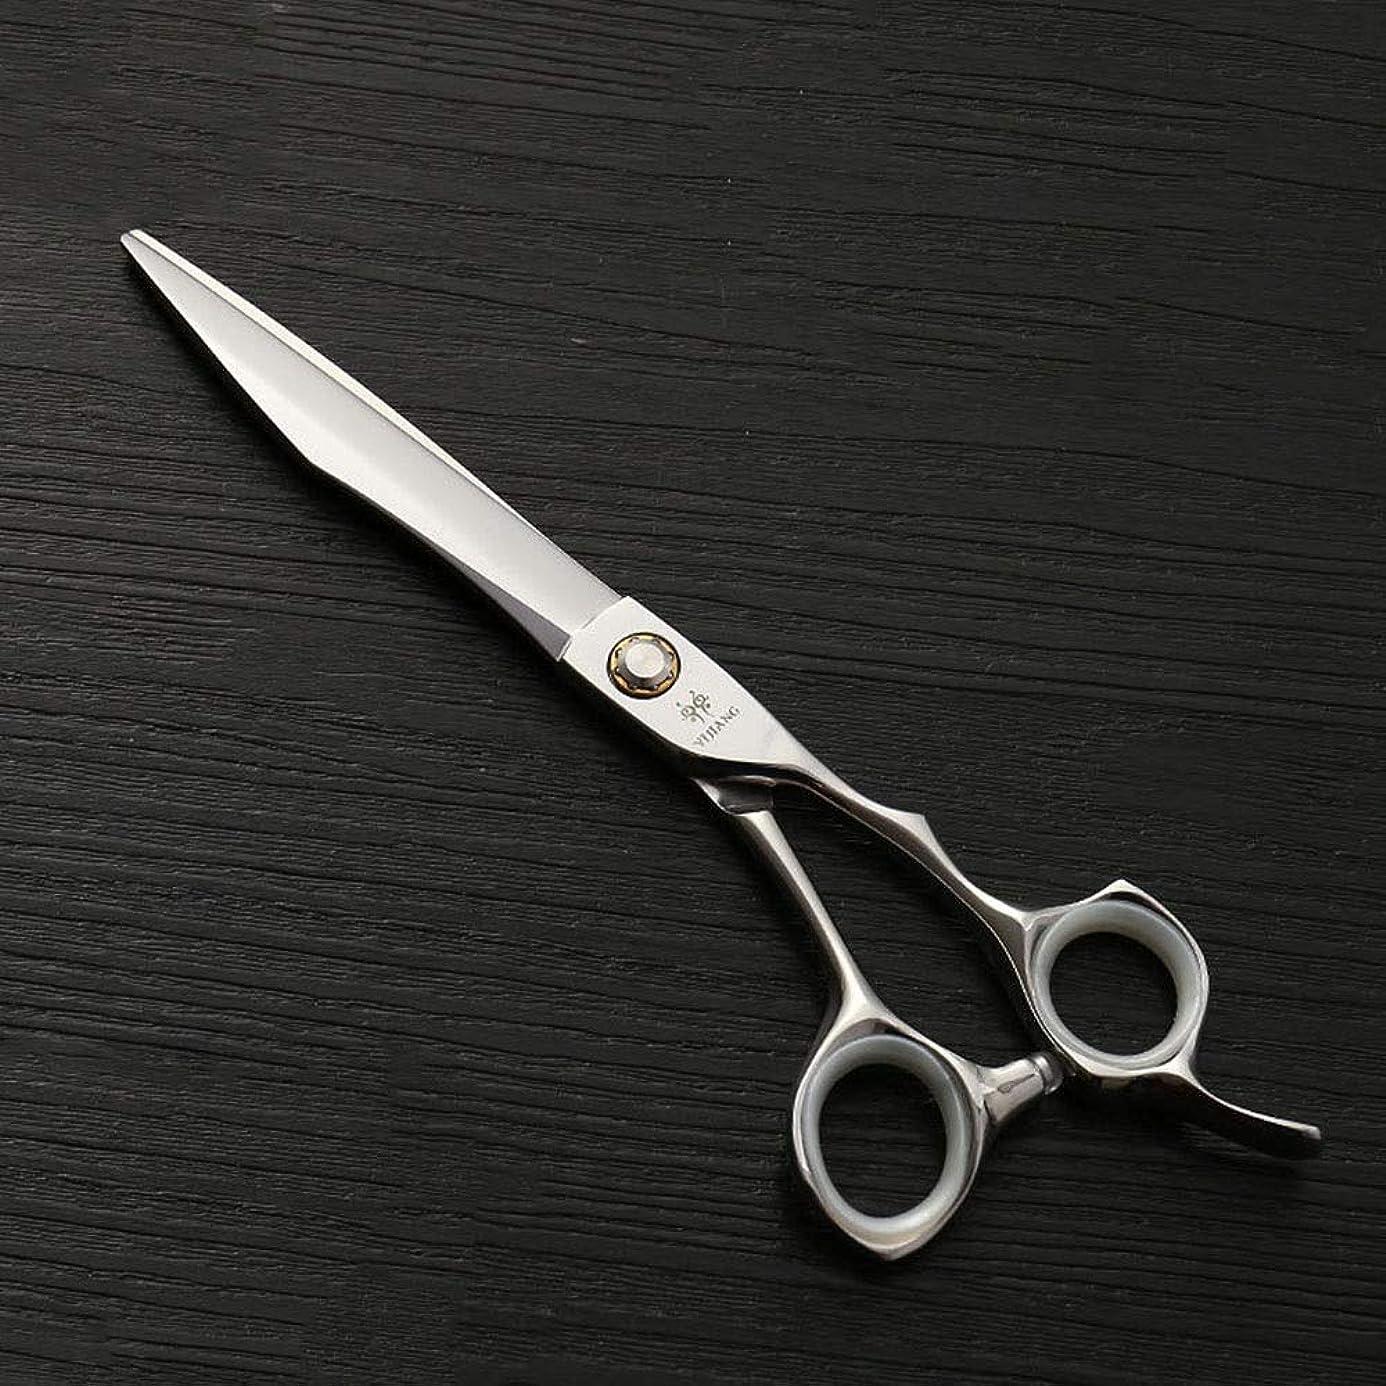 究極の仮定ファウルトリミングシザー 440C高品質スチールペットストレートカット7.0インチナイフアックスビッグカットフラットシアーヘアカットシザーステンレス理髪はさみ (色 : Silver)